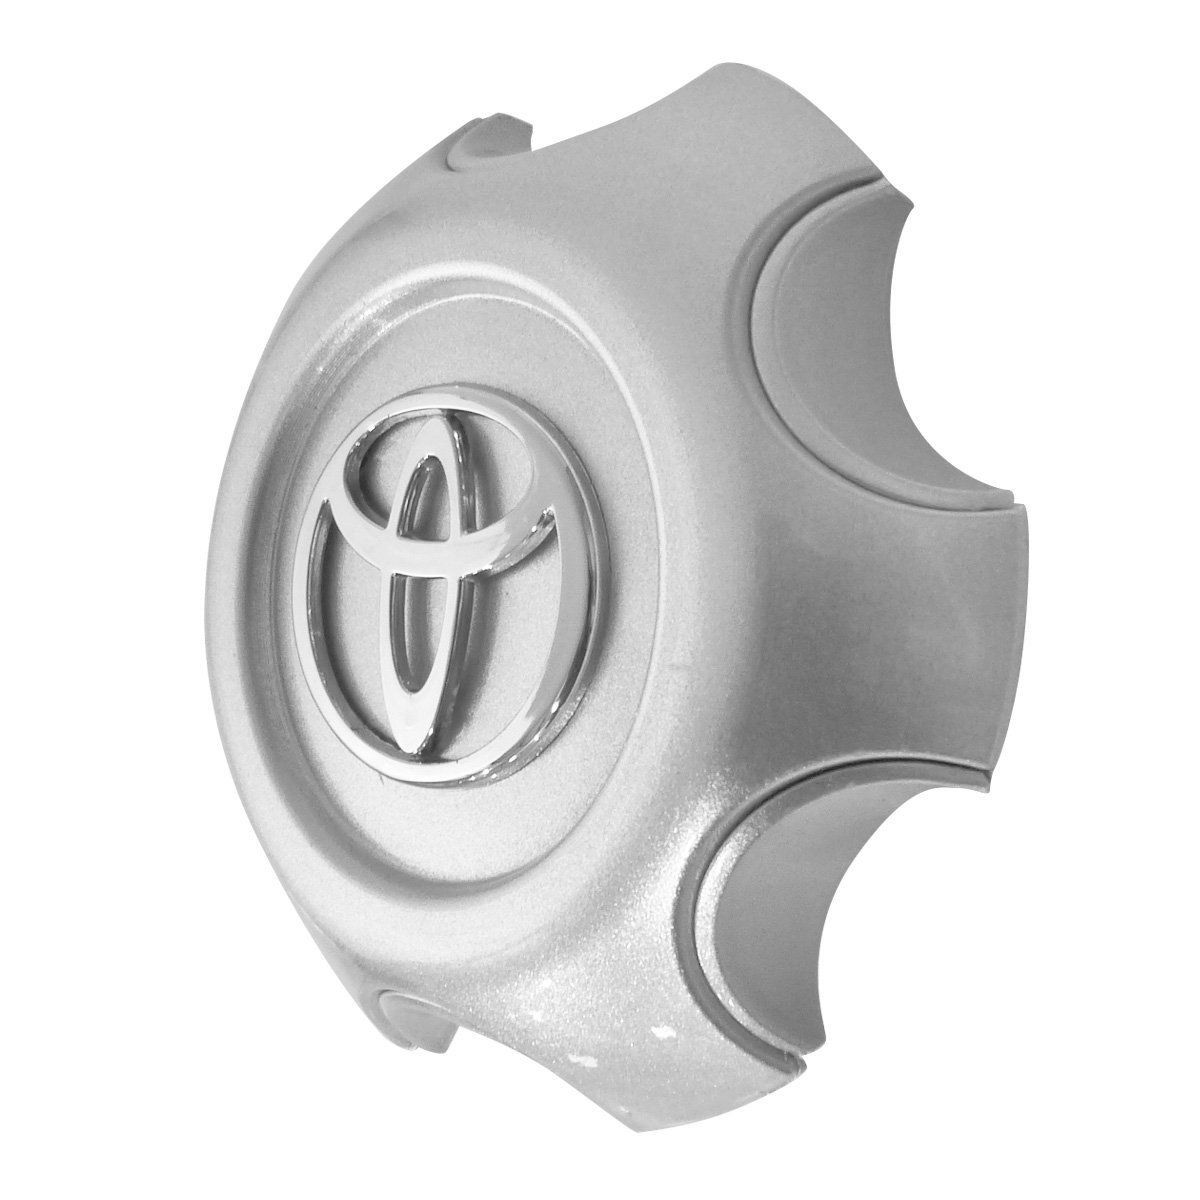 Calota Miolo De Roda Toyota Hilux Prado Z160 - Prata